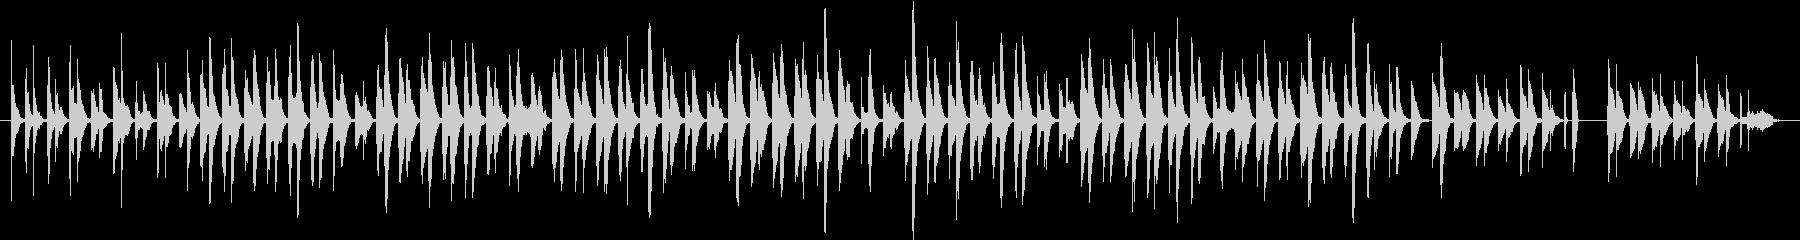 〜ほんわか愛らしい動物映像〜打楽器♪の未再生の波形